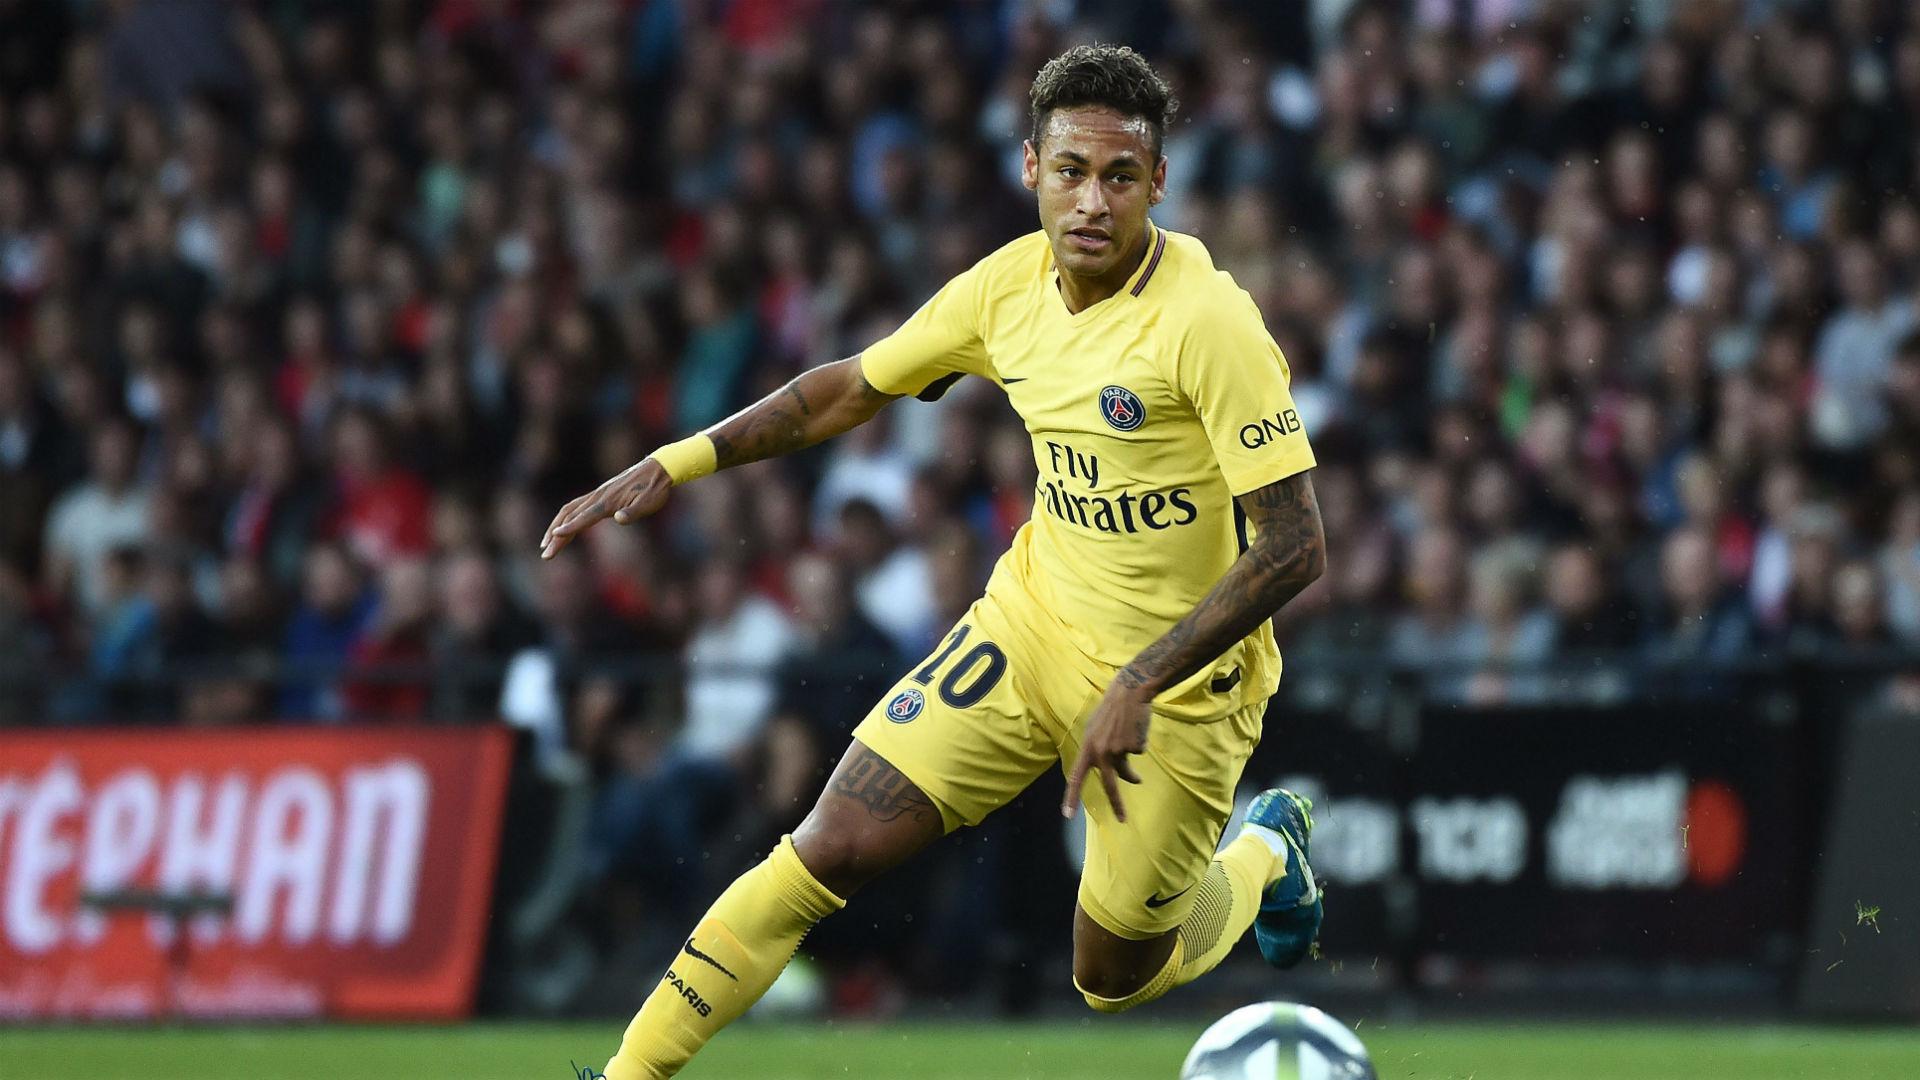 Chán sân cỏ, Neymar đá bóng trên không trung - Bóng Đá